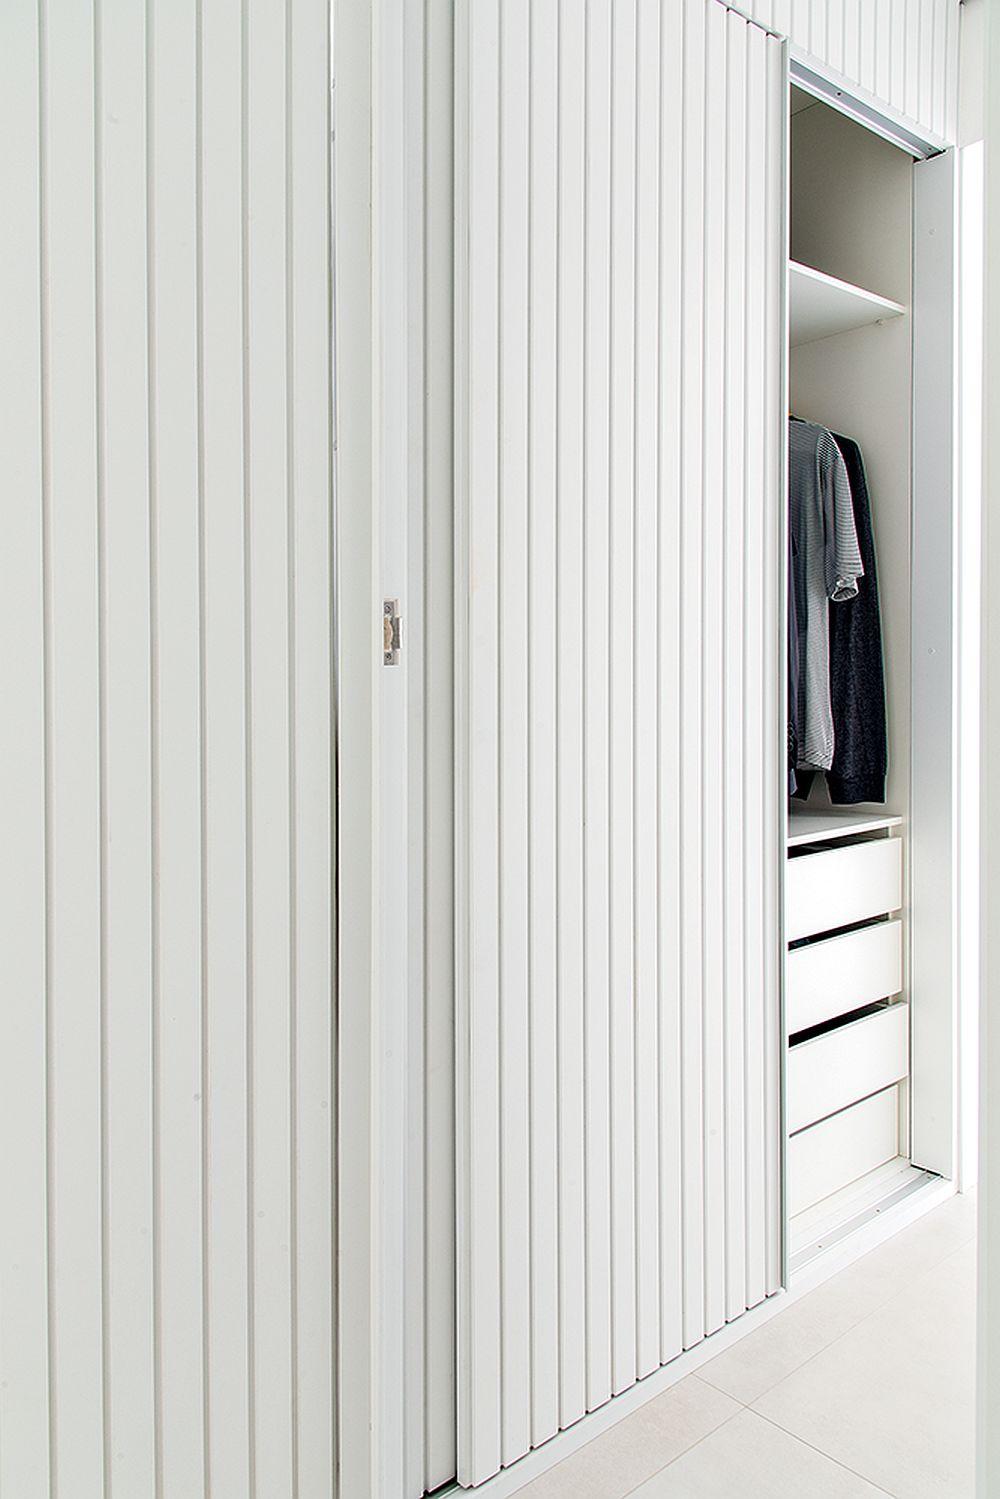 În hol, în spatele finisajului similar cu al lambriurilor este ascuns un dulap cu uși glisante. Acest dulap de pe holul dormitorului este folosit pentru pantofi și pentru haine, preluând și locul de cuier.